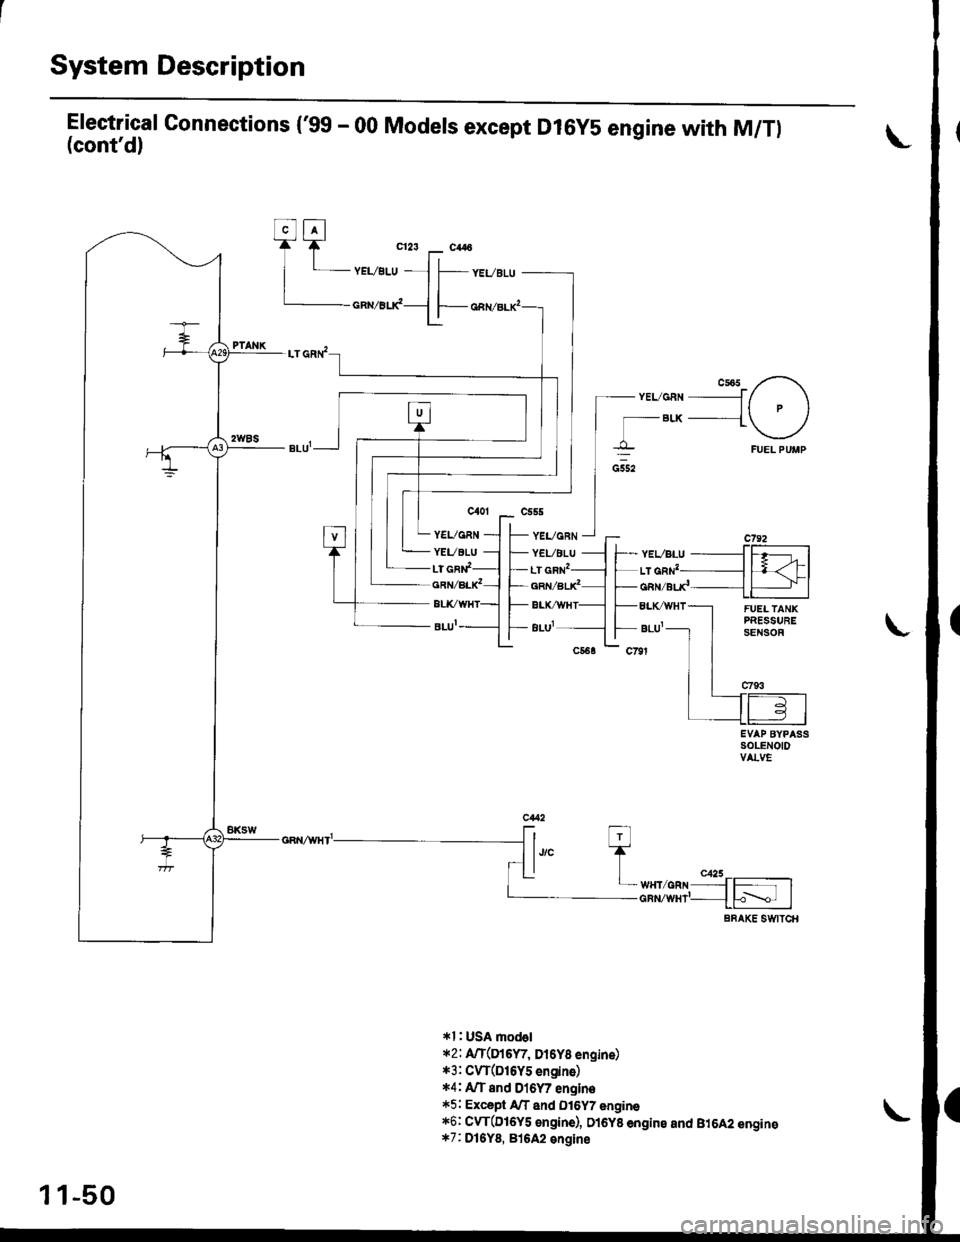 HONDA CIVIC 1998 6.G on